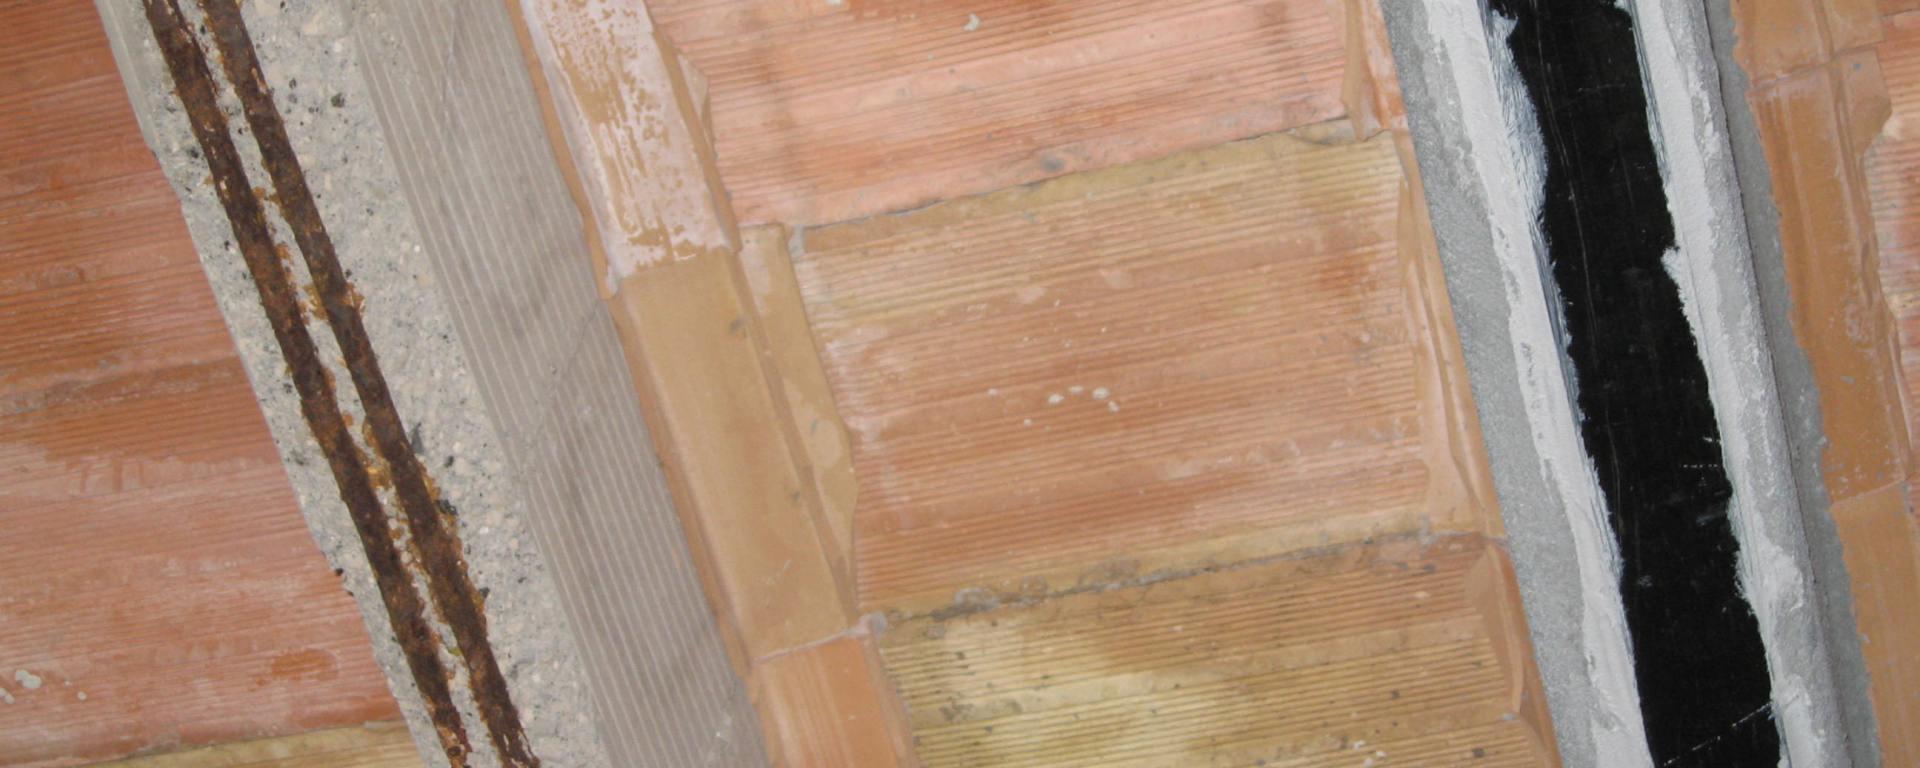 Ripristino Solaio Latero Cemento sistema di riparazione e rinforzo con lamine in frp per